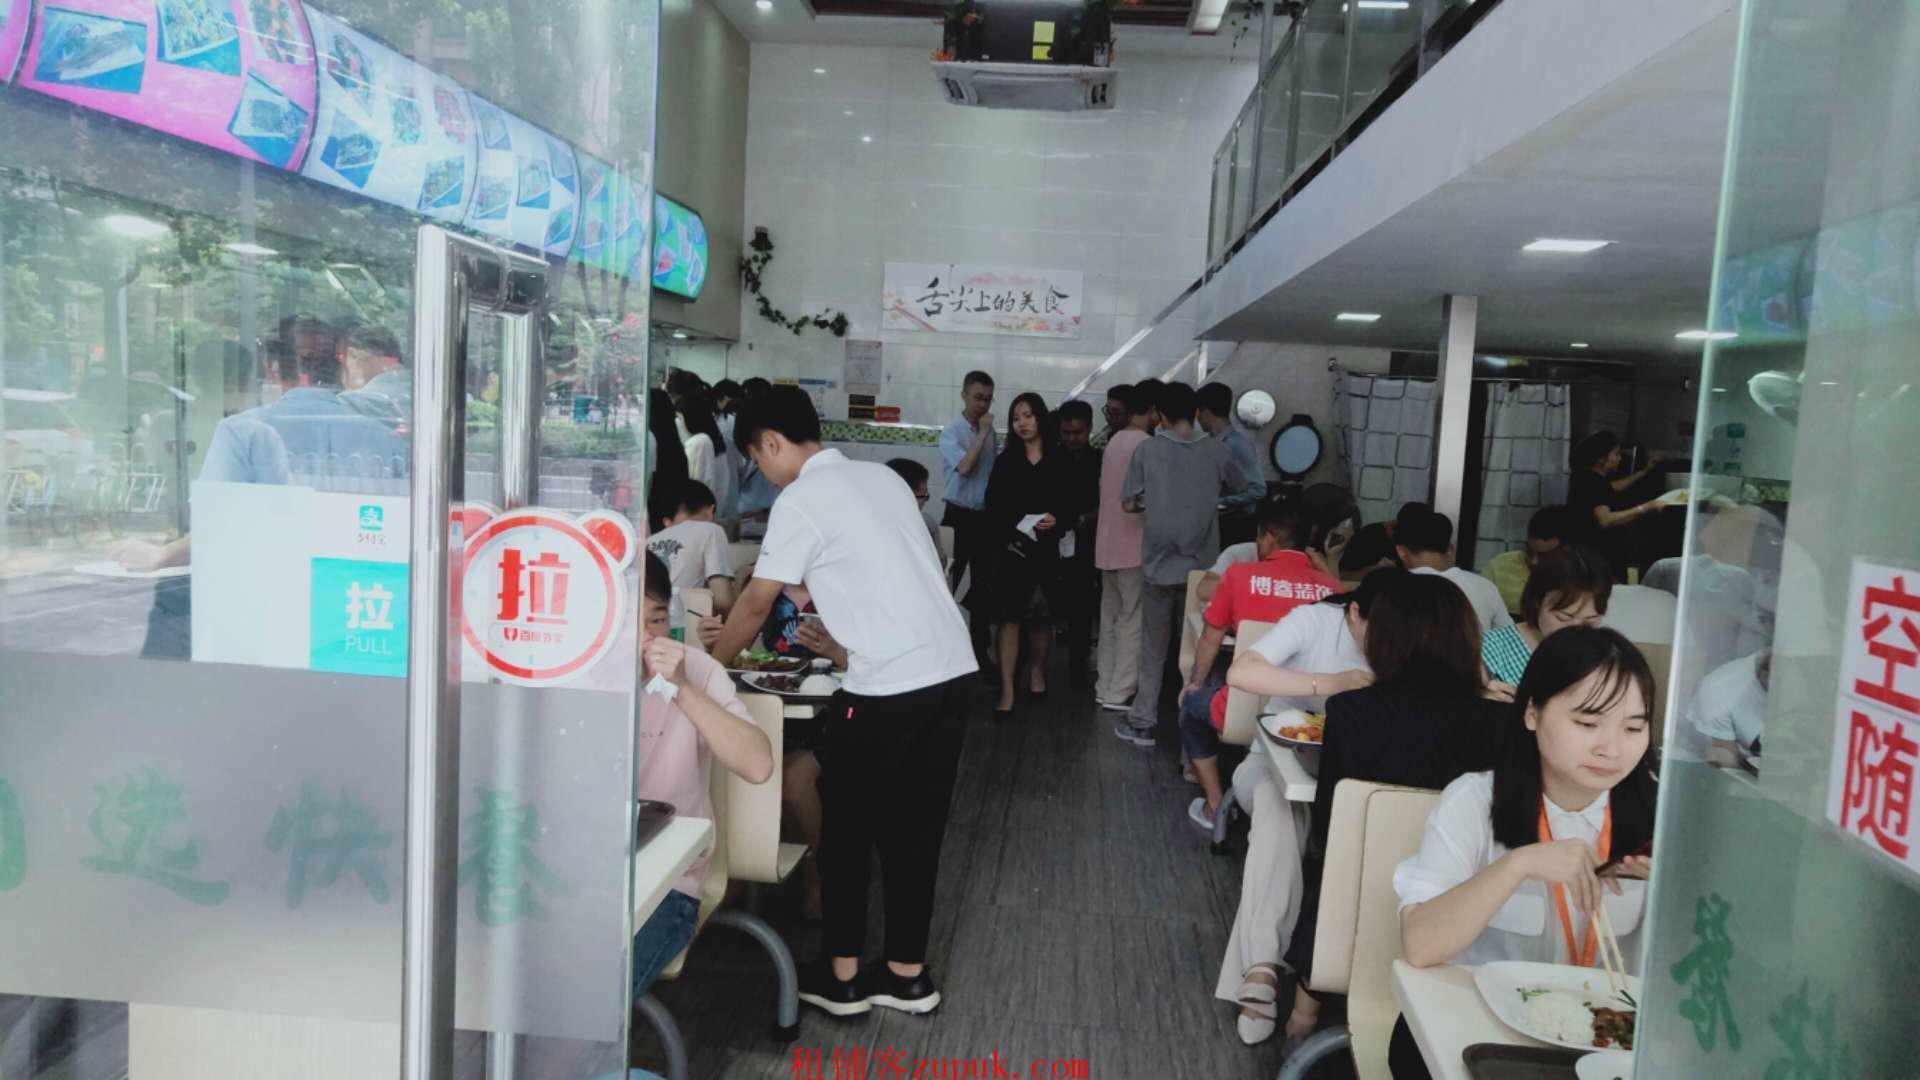 华洲路,小吃店,门口人超多,证照齐全